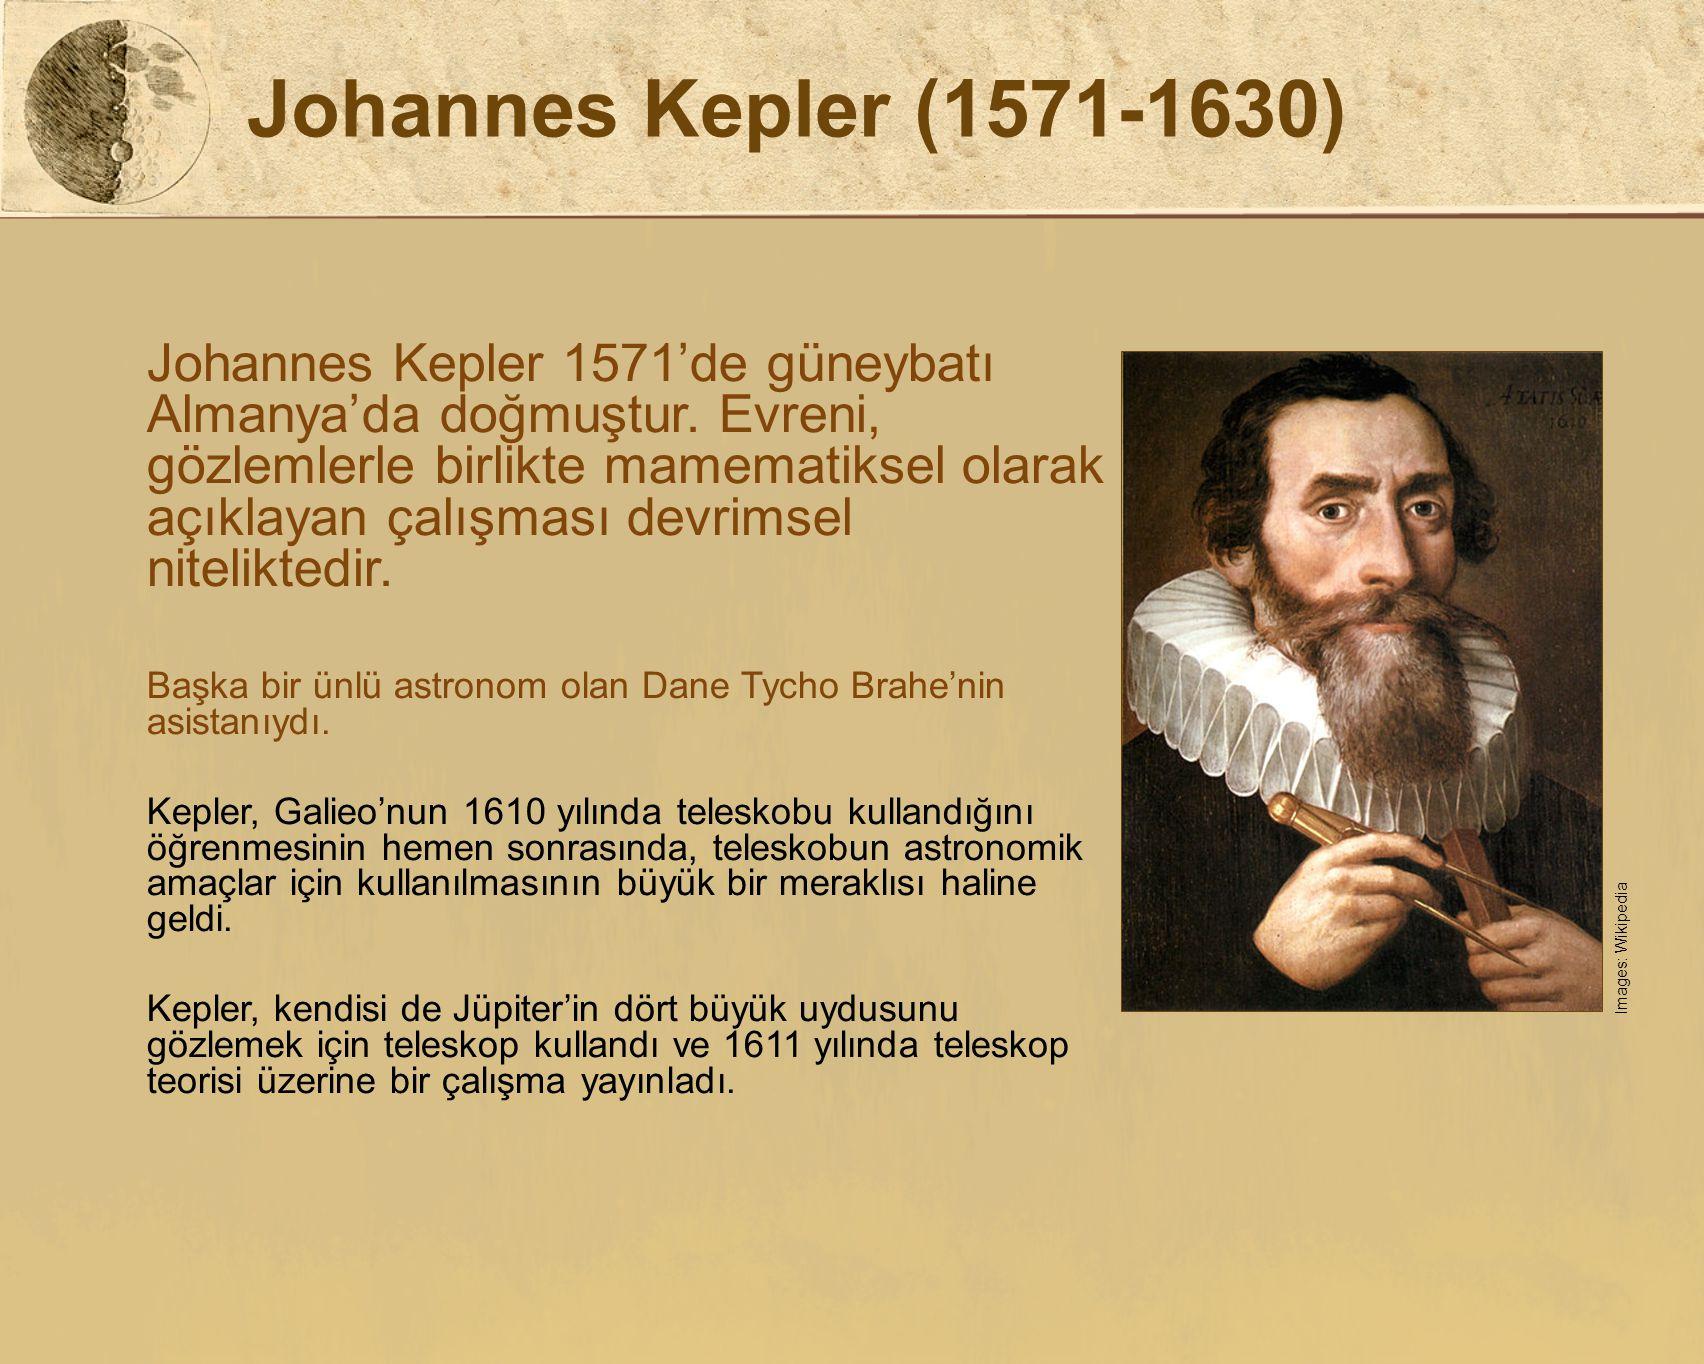 Johannes Kepler (1571-1630) Johannes Kepler 1571'de güneybatı Almanya'da doğmuştur. Evreni, gözlemlerle birlikte mamematiksel olarak açıklayan çalışma